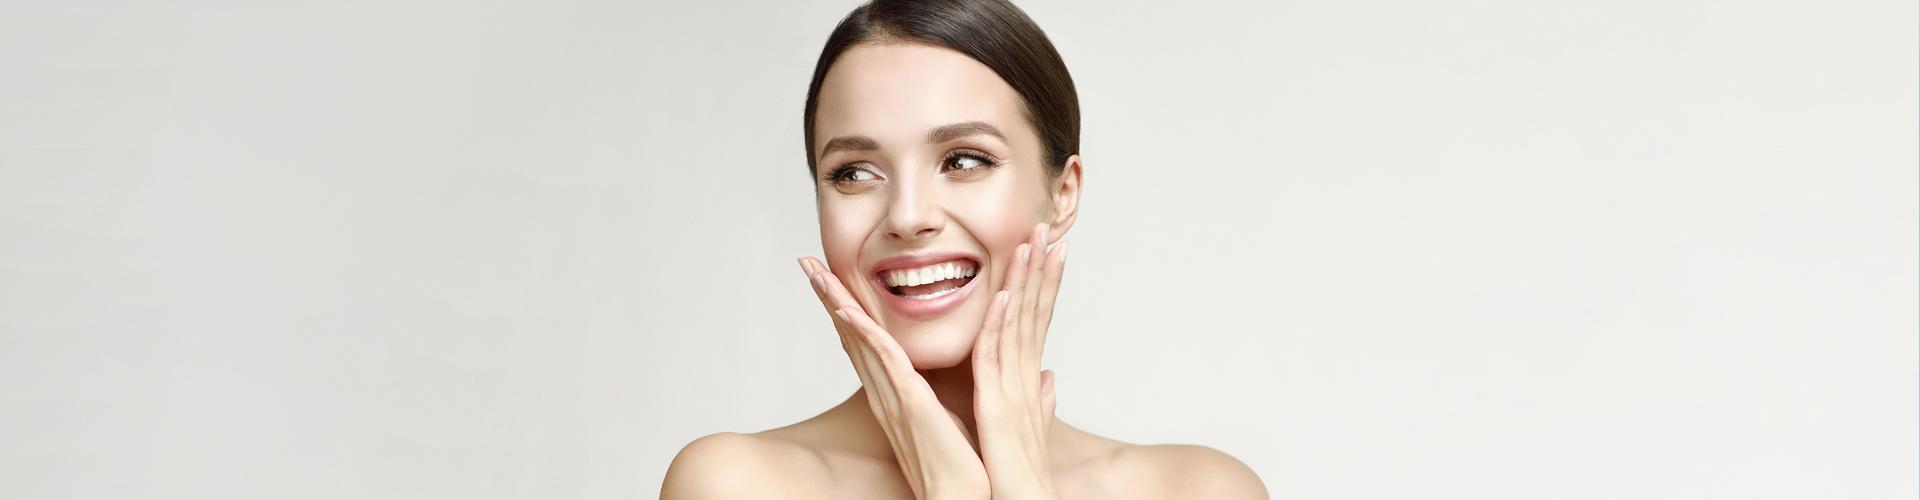 Choosing Between Dental Crowns and Veneers